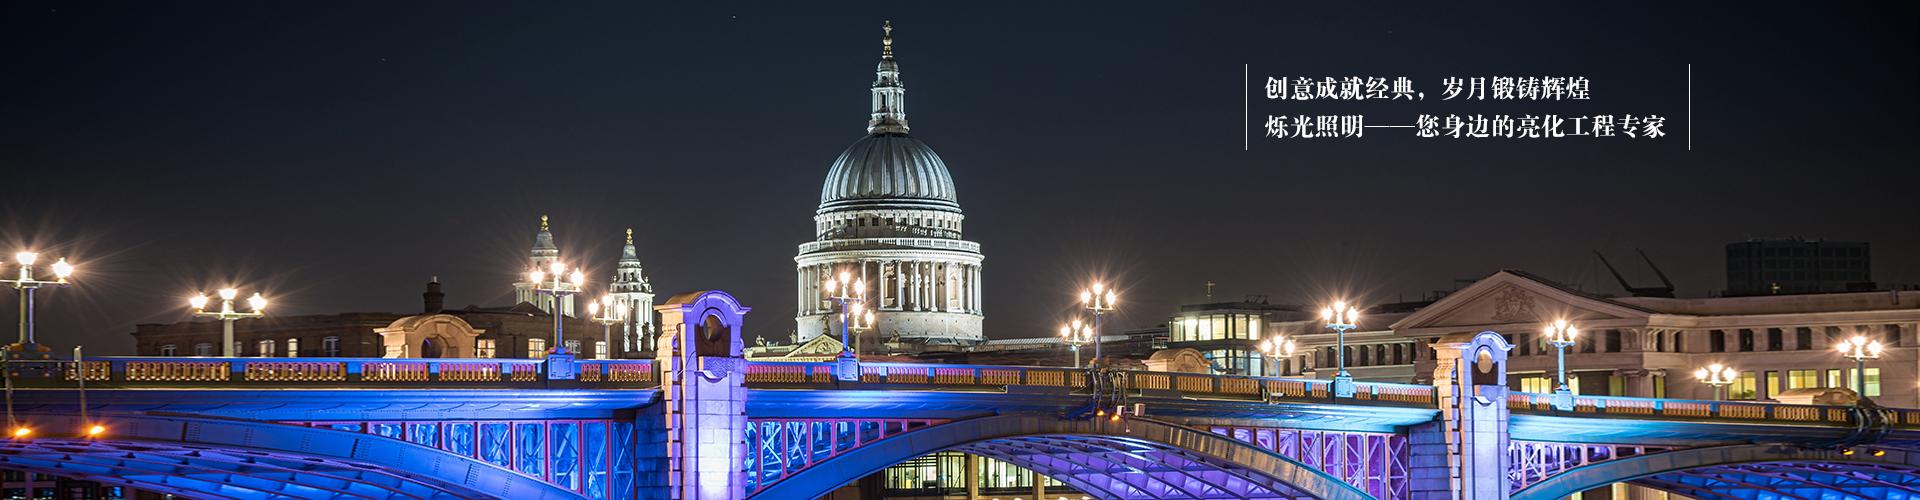 大桥和记官方网页工程